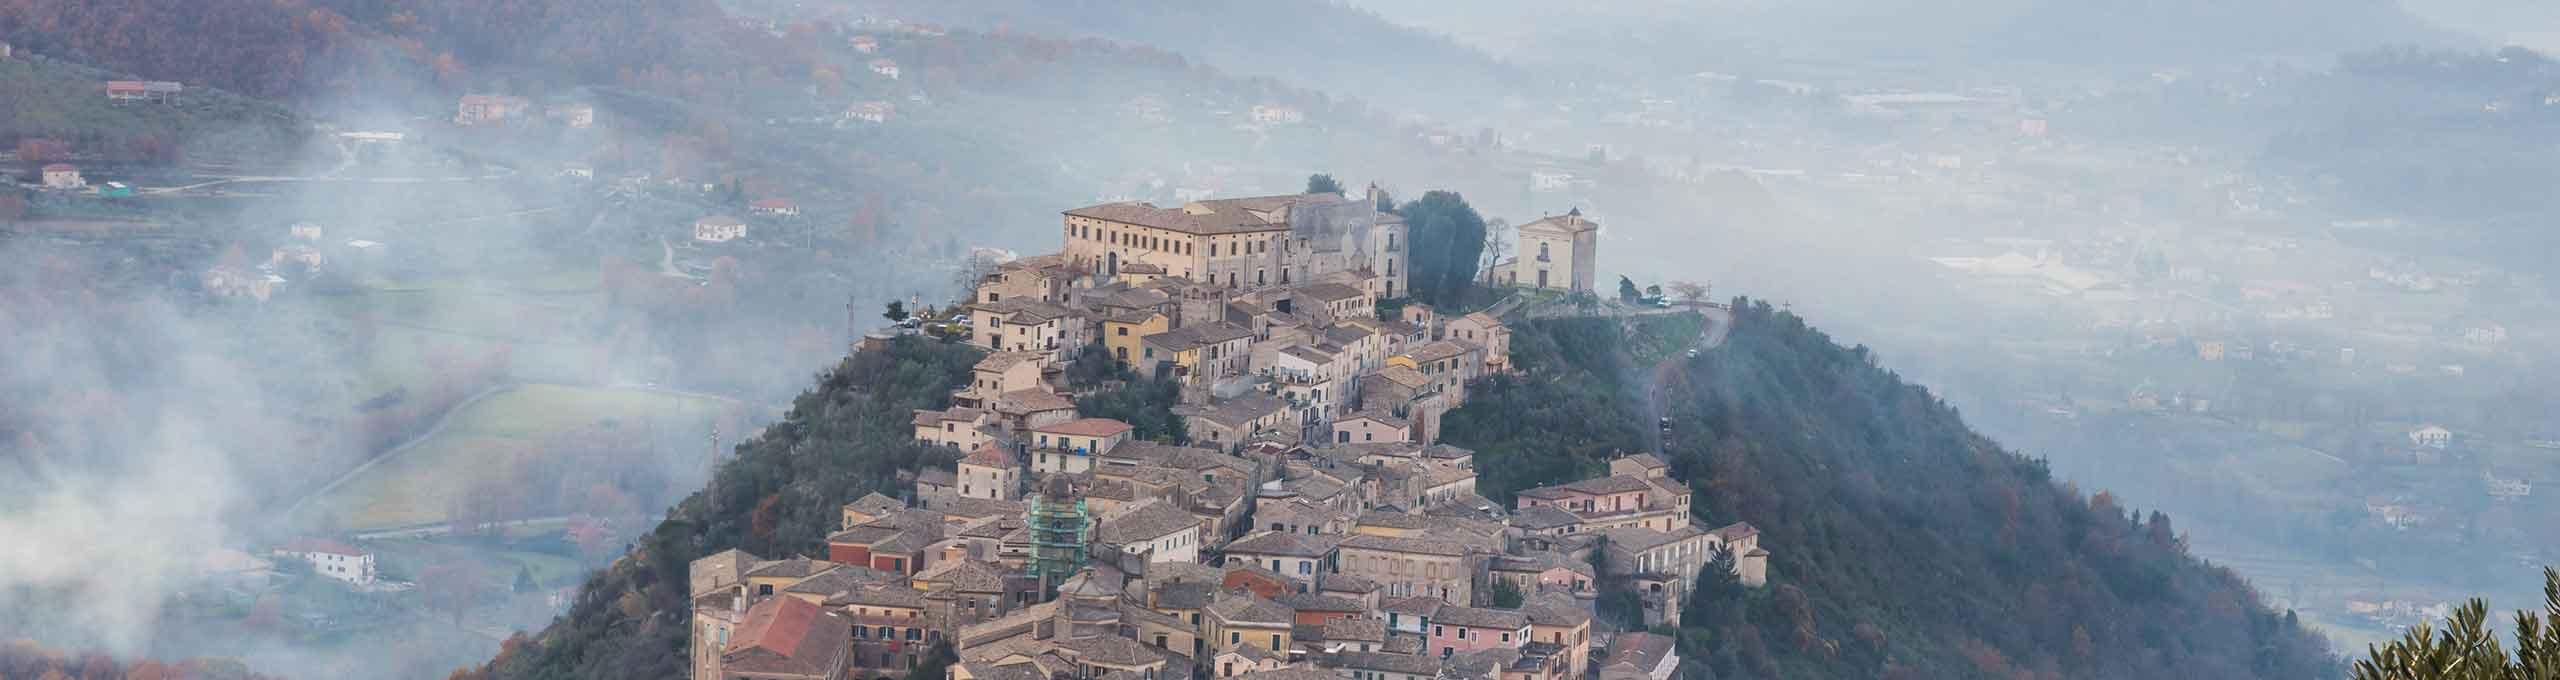 Arpino, vista dall'acropoli di Civitavecchia Arpino